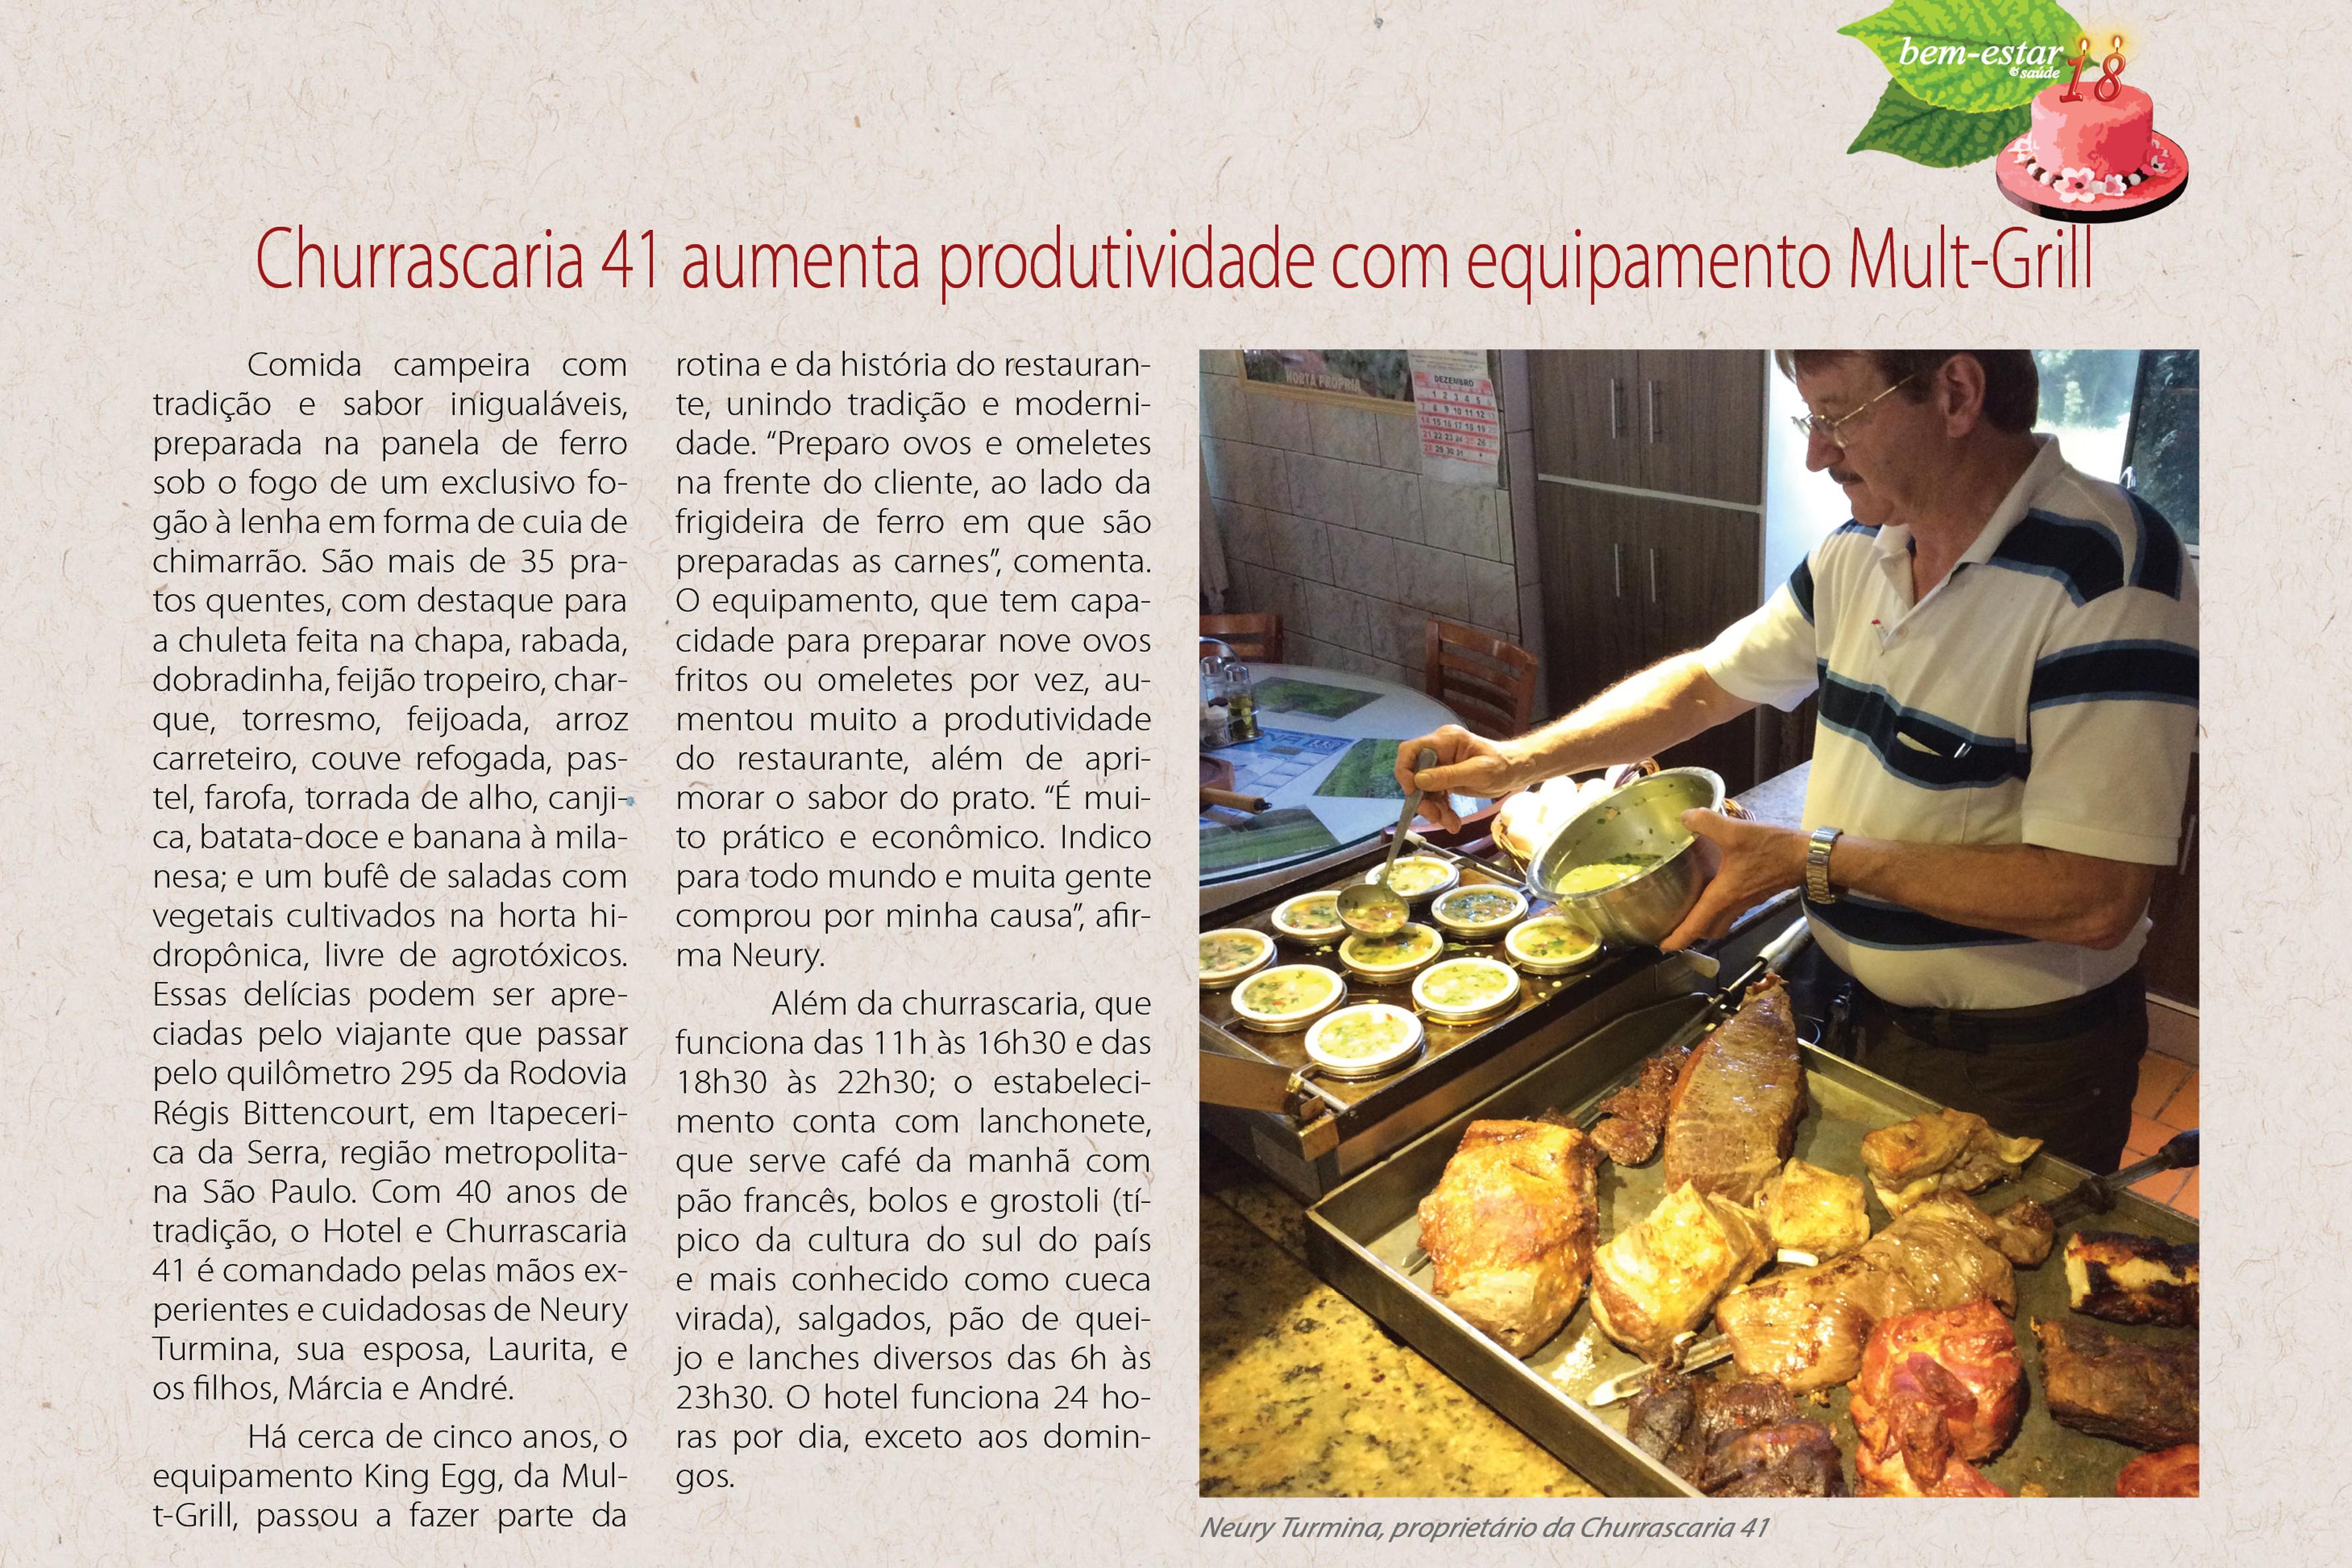 Matéria da revista viver bem e sucesso: Churrascaria 41 aumenta produtividade com equipamento Mult-Grill.